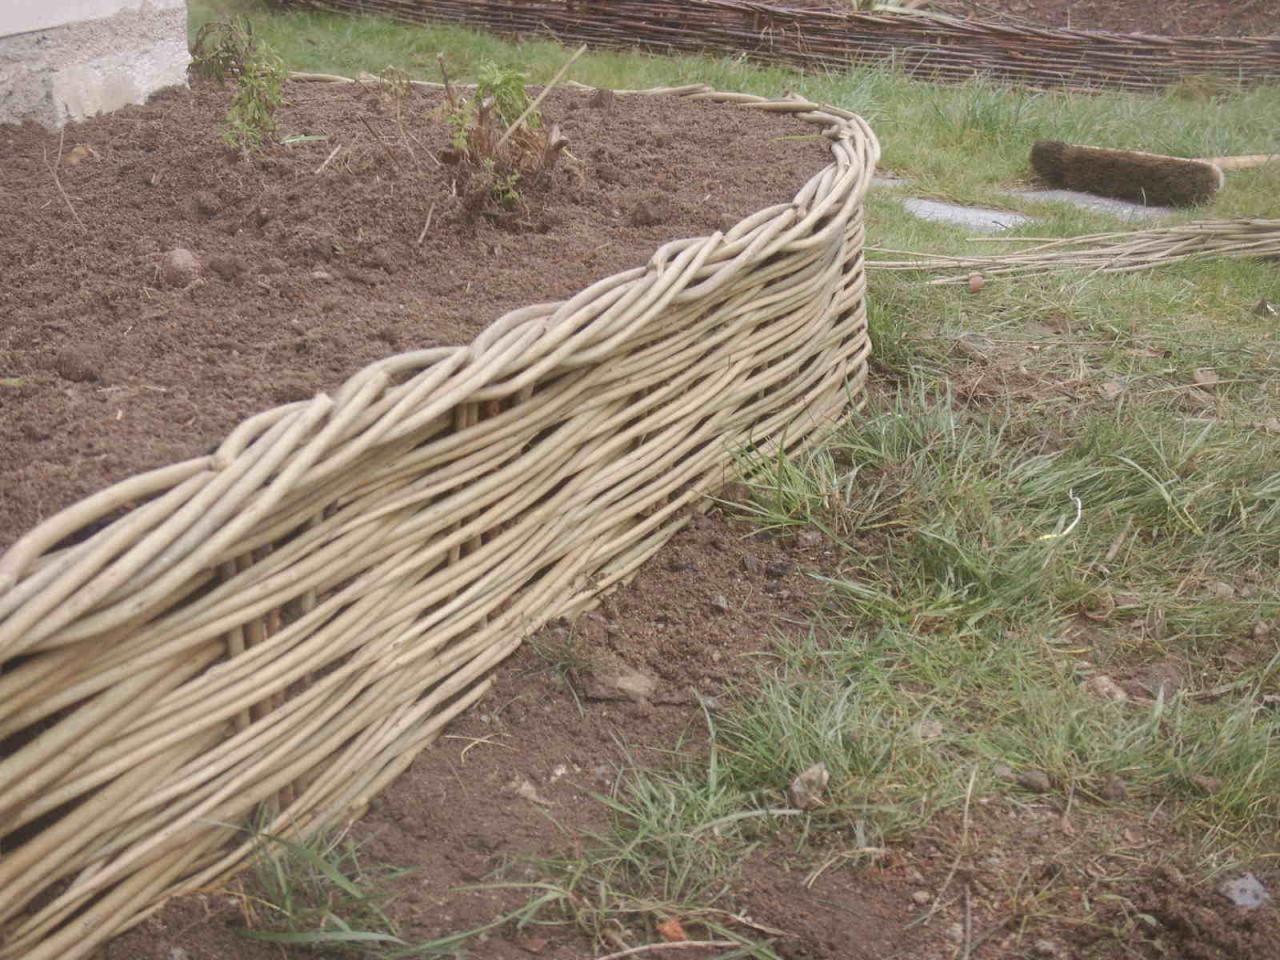 Épinglé Par Gosia Dudka Sur Kosz | Osier, Tresse Et ... avec Bordure De Jardin En Osier Tressé